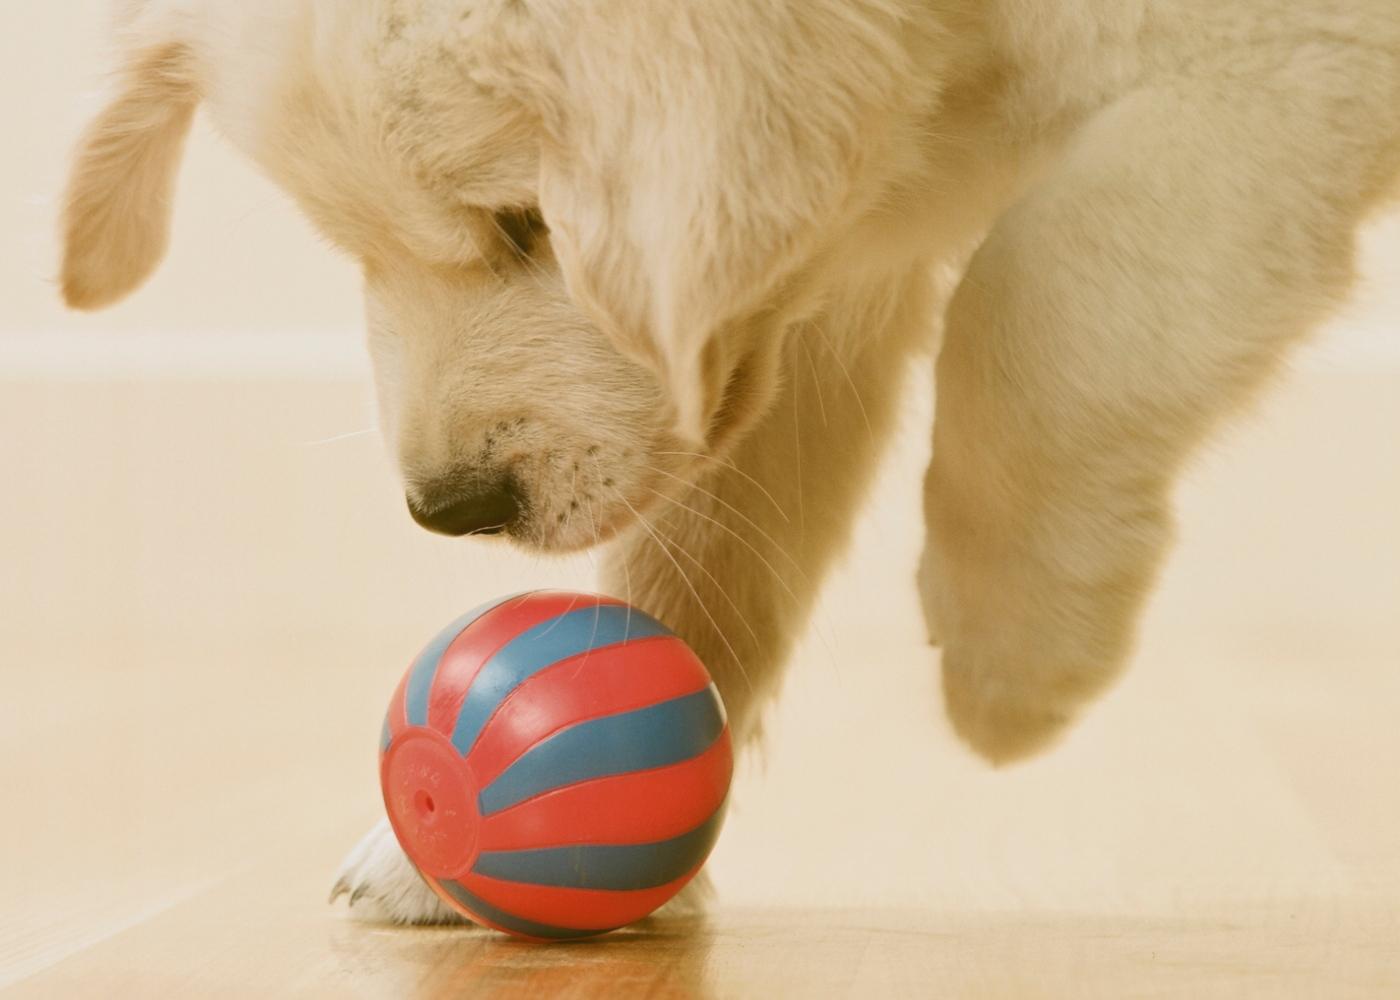 exercícios que pode fazer com o seu cão em casa: jogar à bola